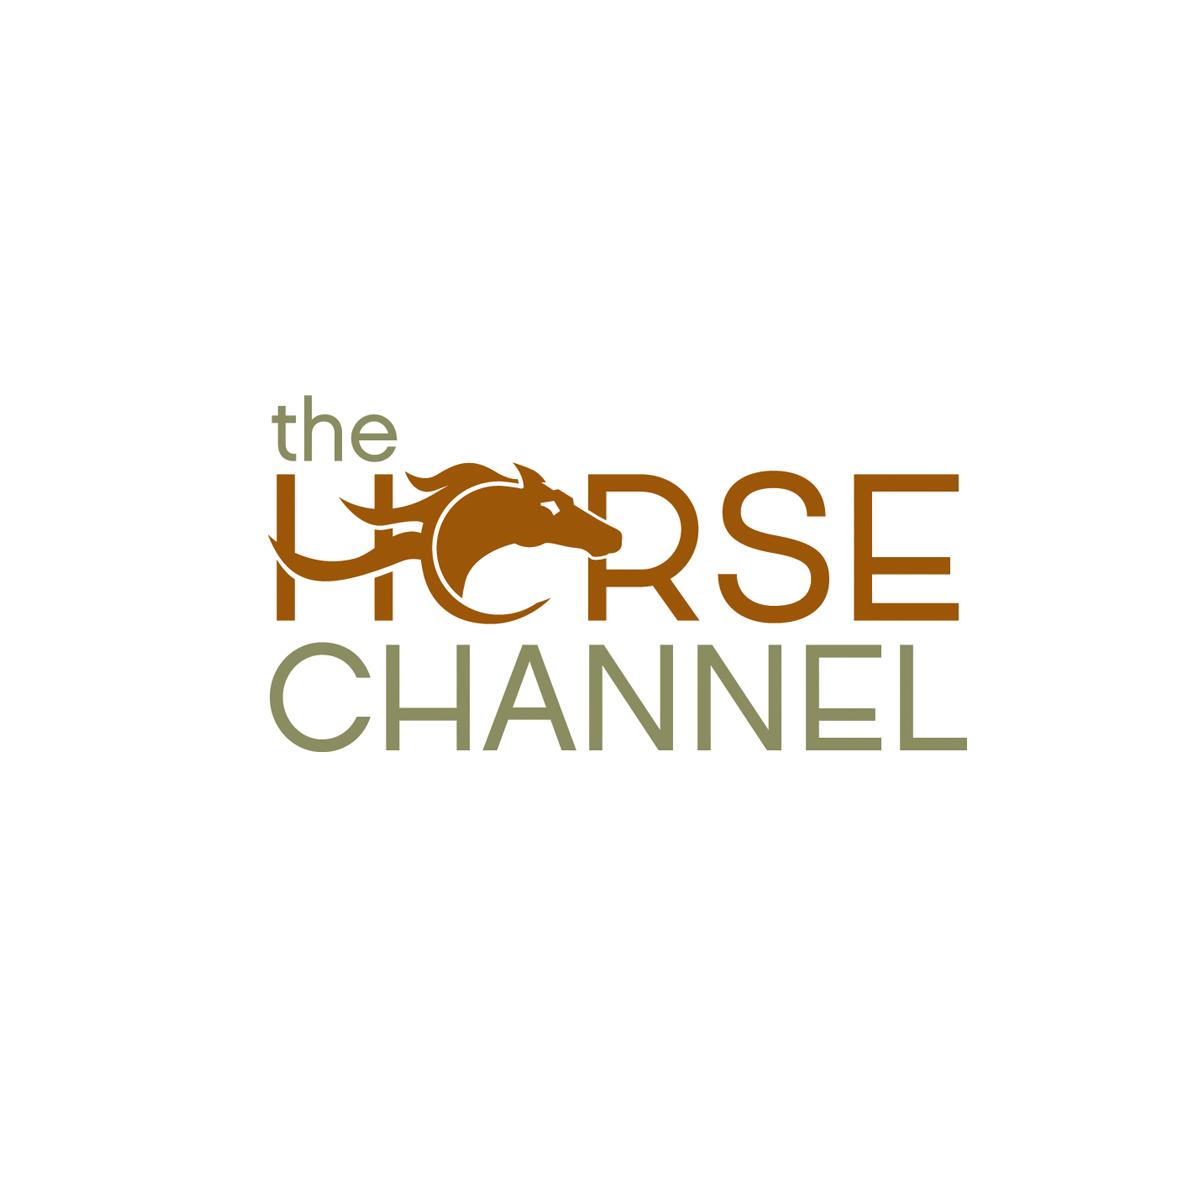 smudge-design-horse-channel-logo.jpg